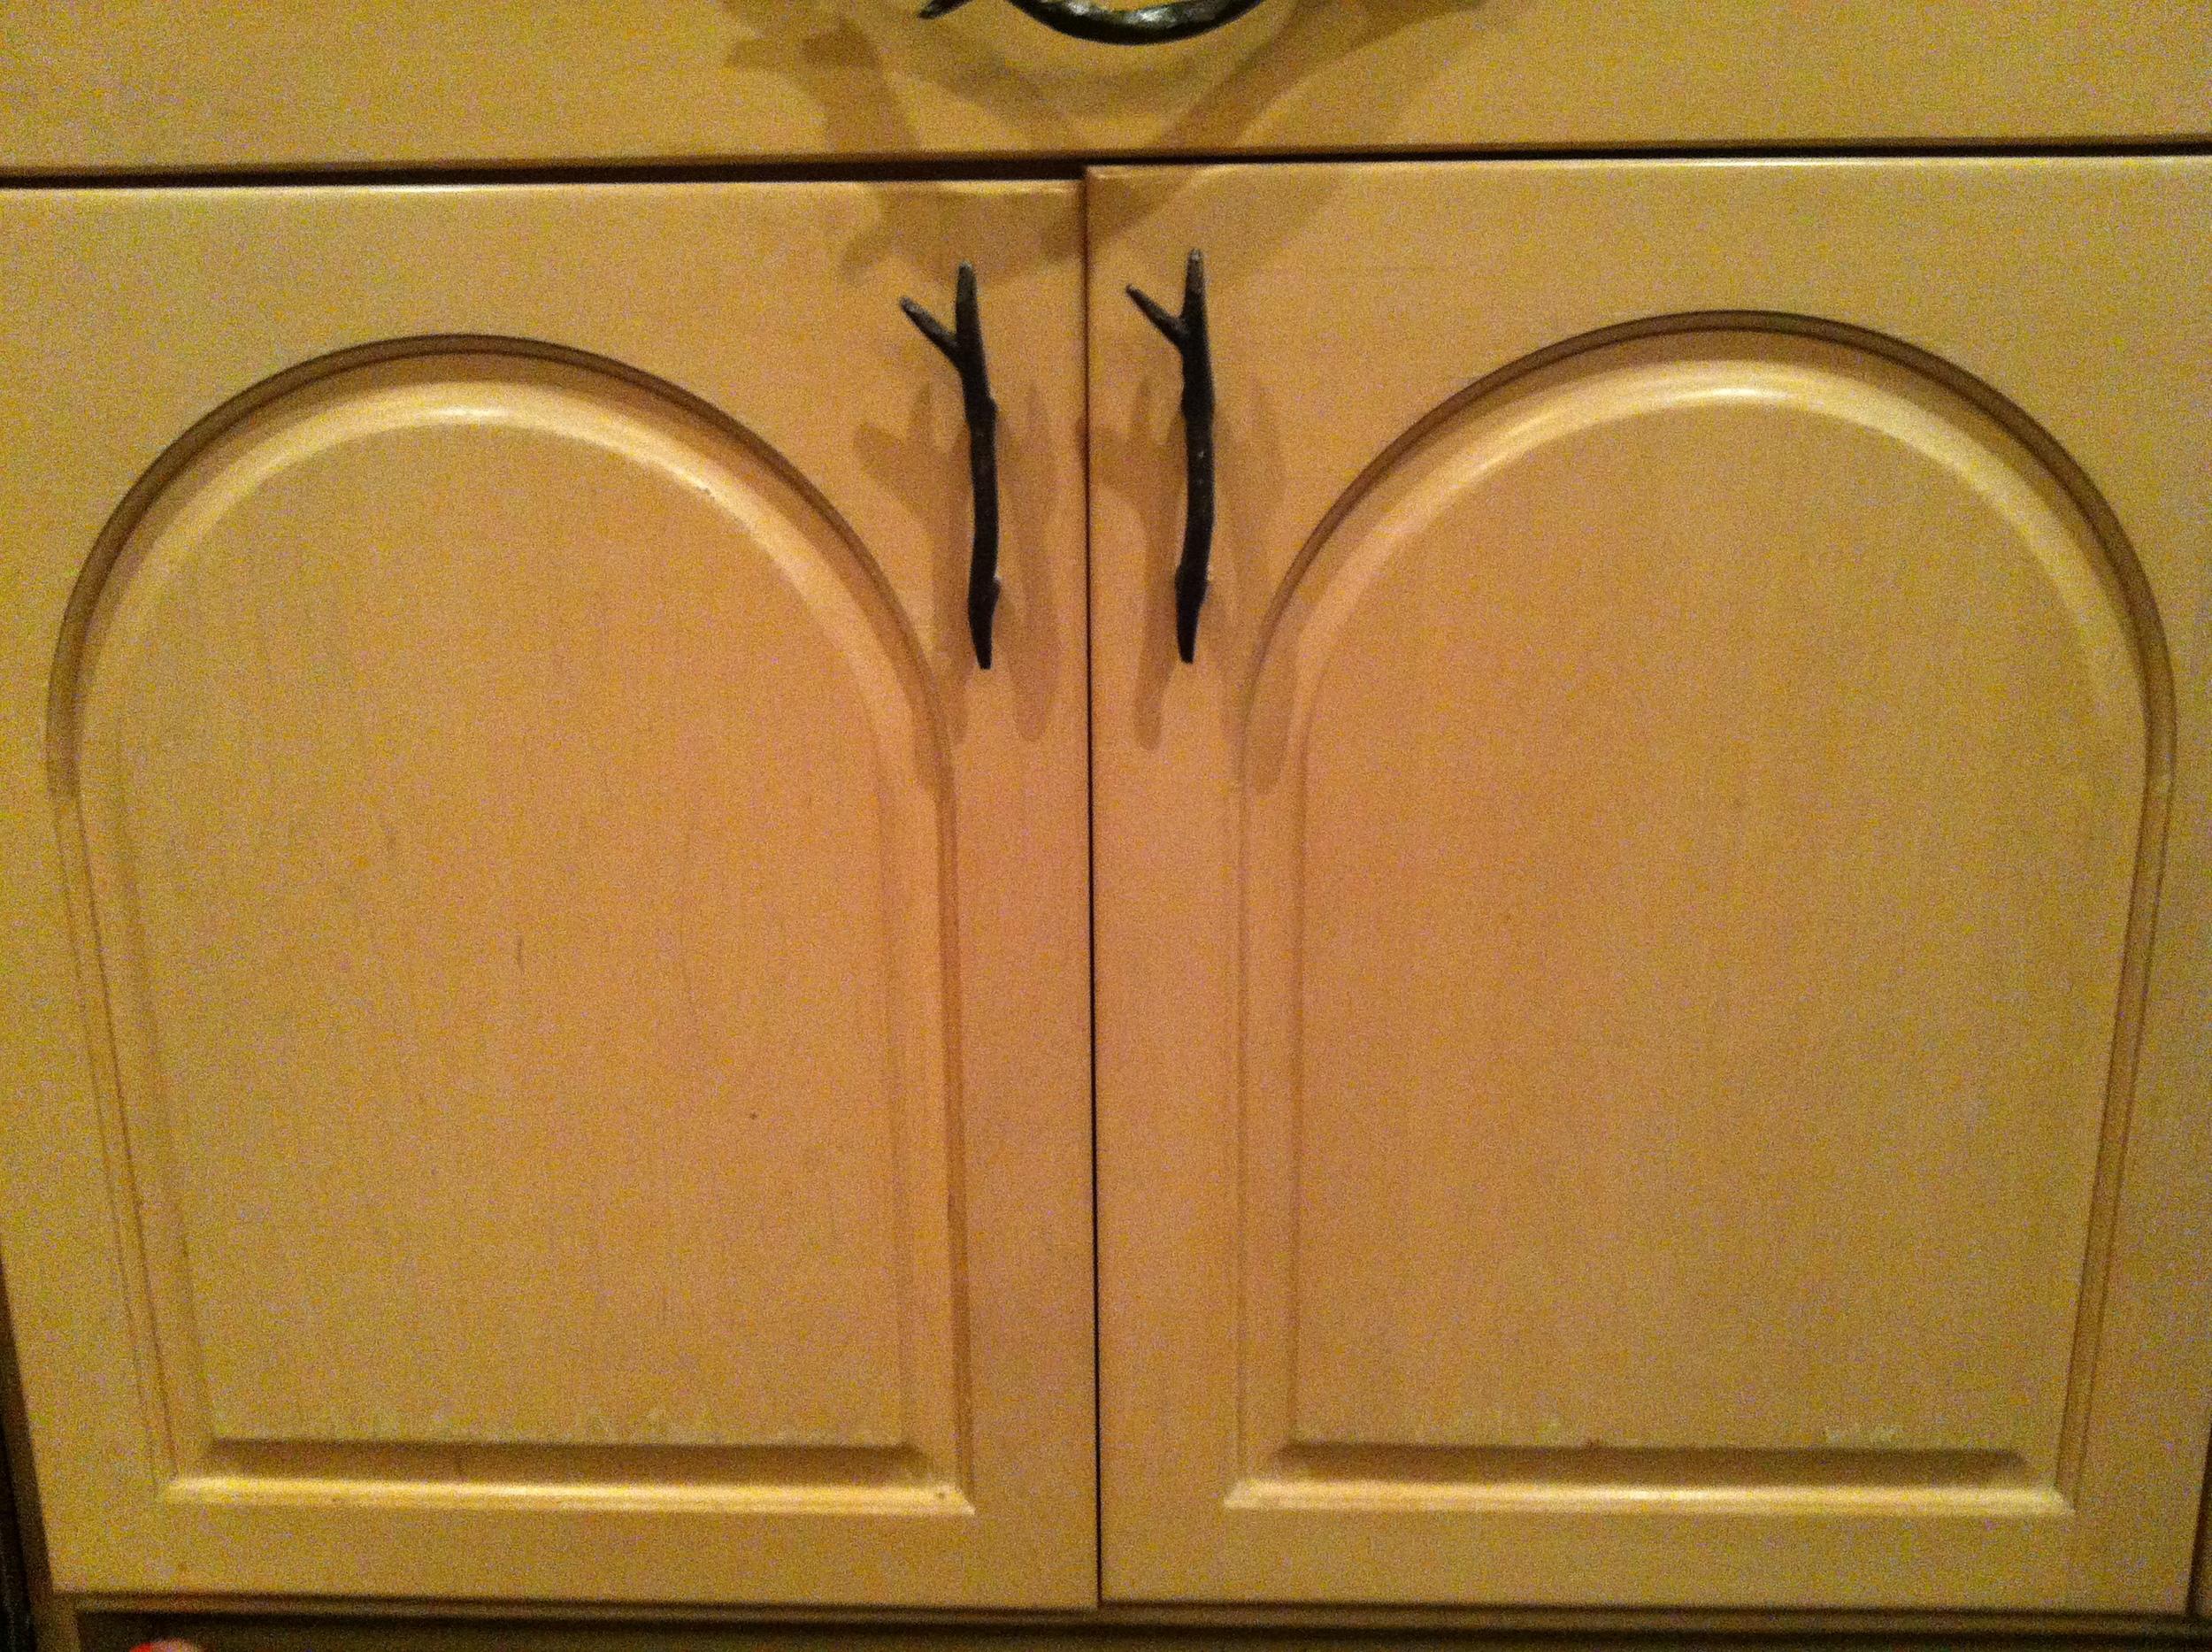 Blonde Wood Kitchen Cabinets with Twig Door Handles.JPG